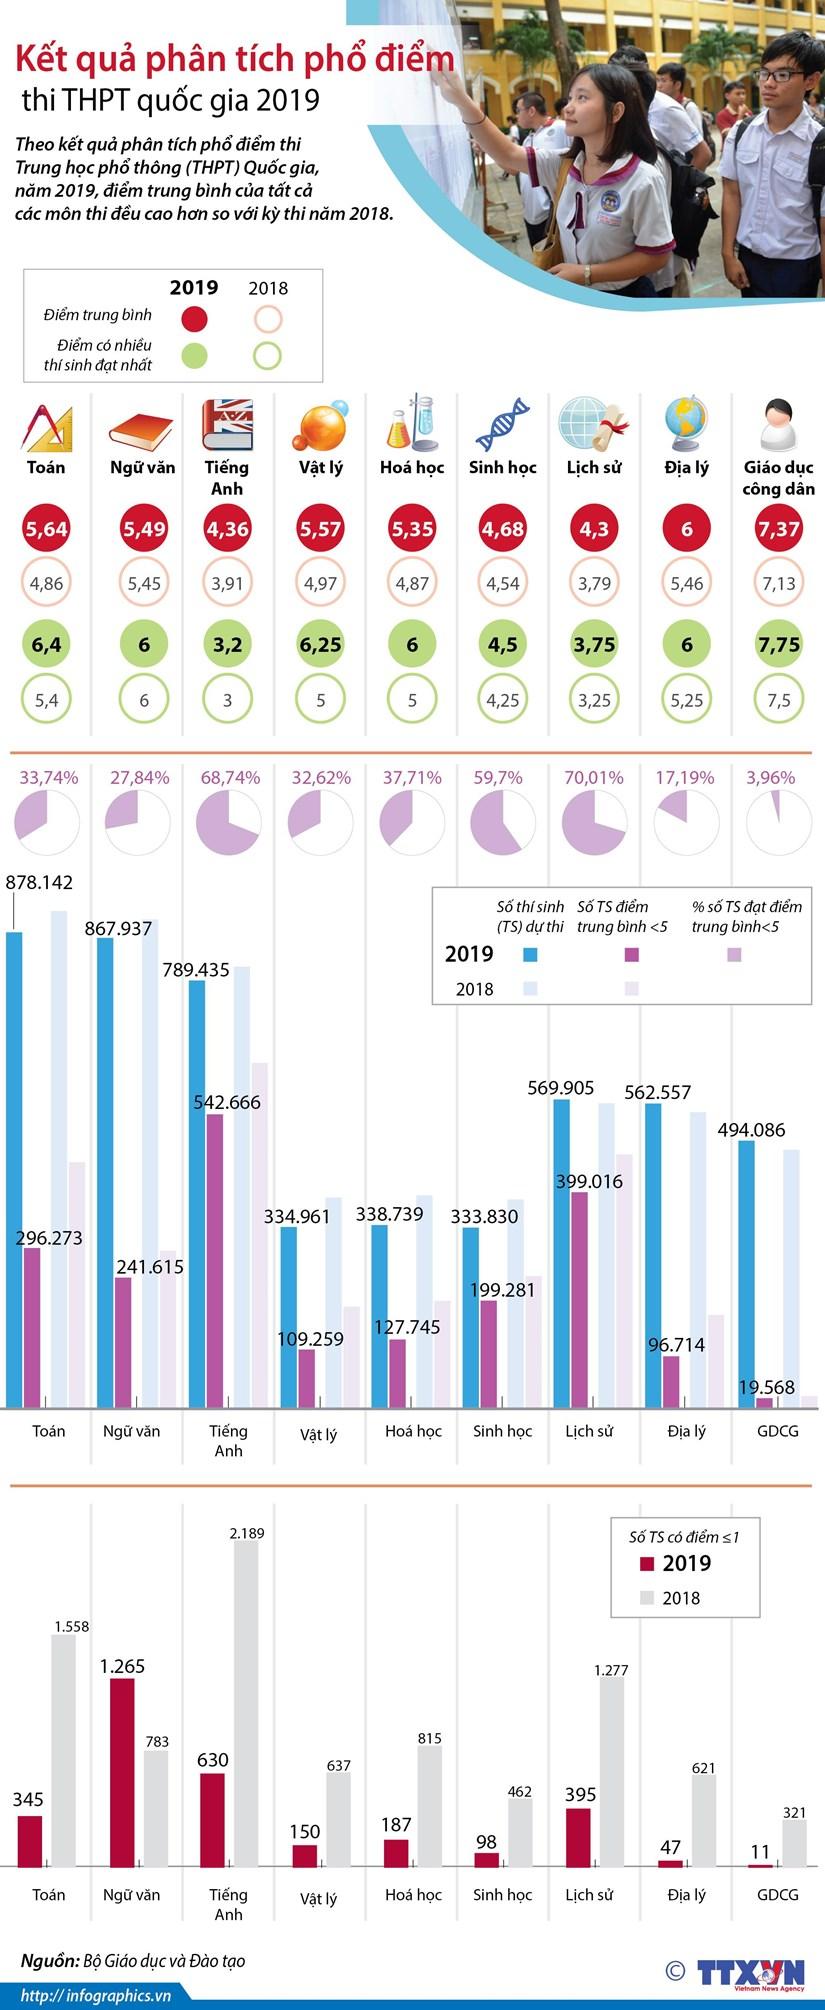 [Infographics] Kết quả phân tích phổ điểm thi THPT Quốc gia 2019